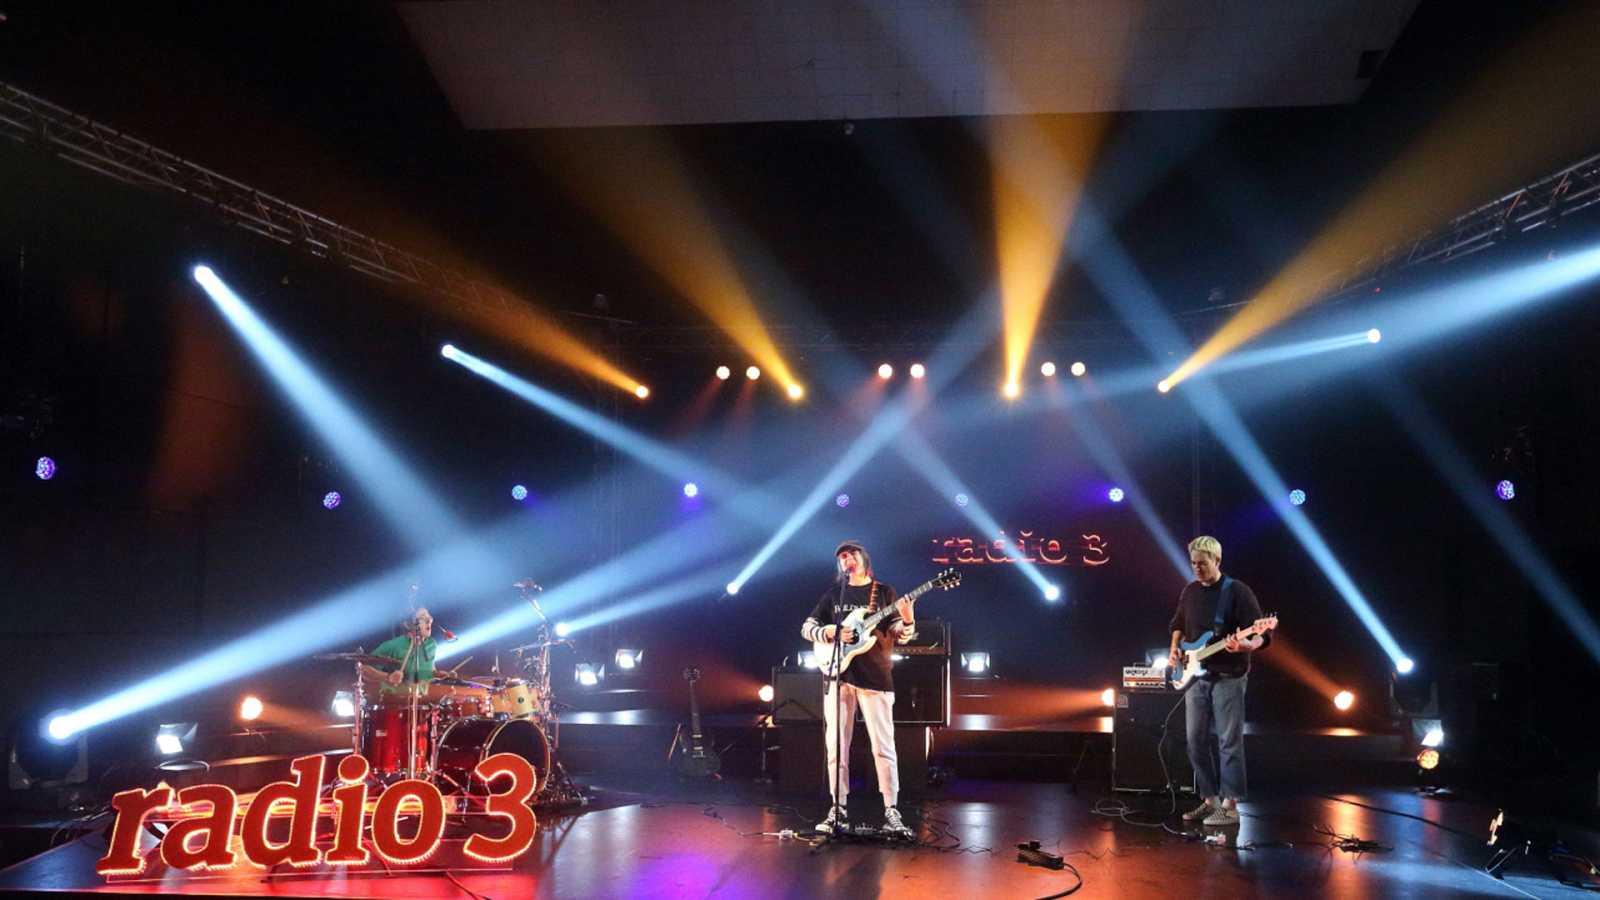 Los conciertos de Radio 3 - Yawners - 24/11/20 - escuchar ahora